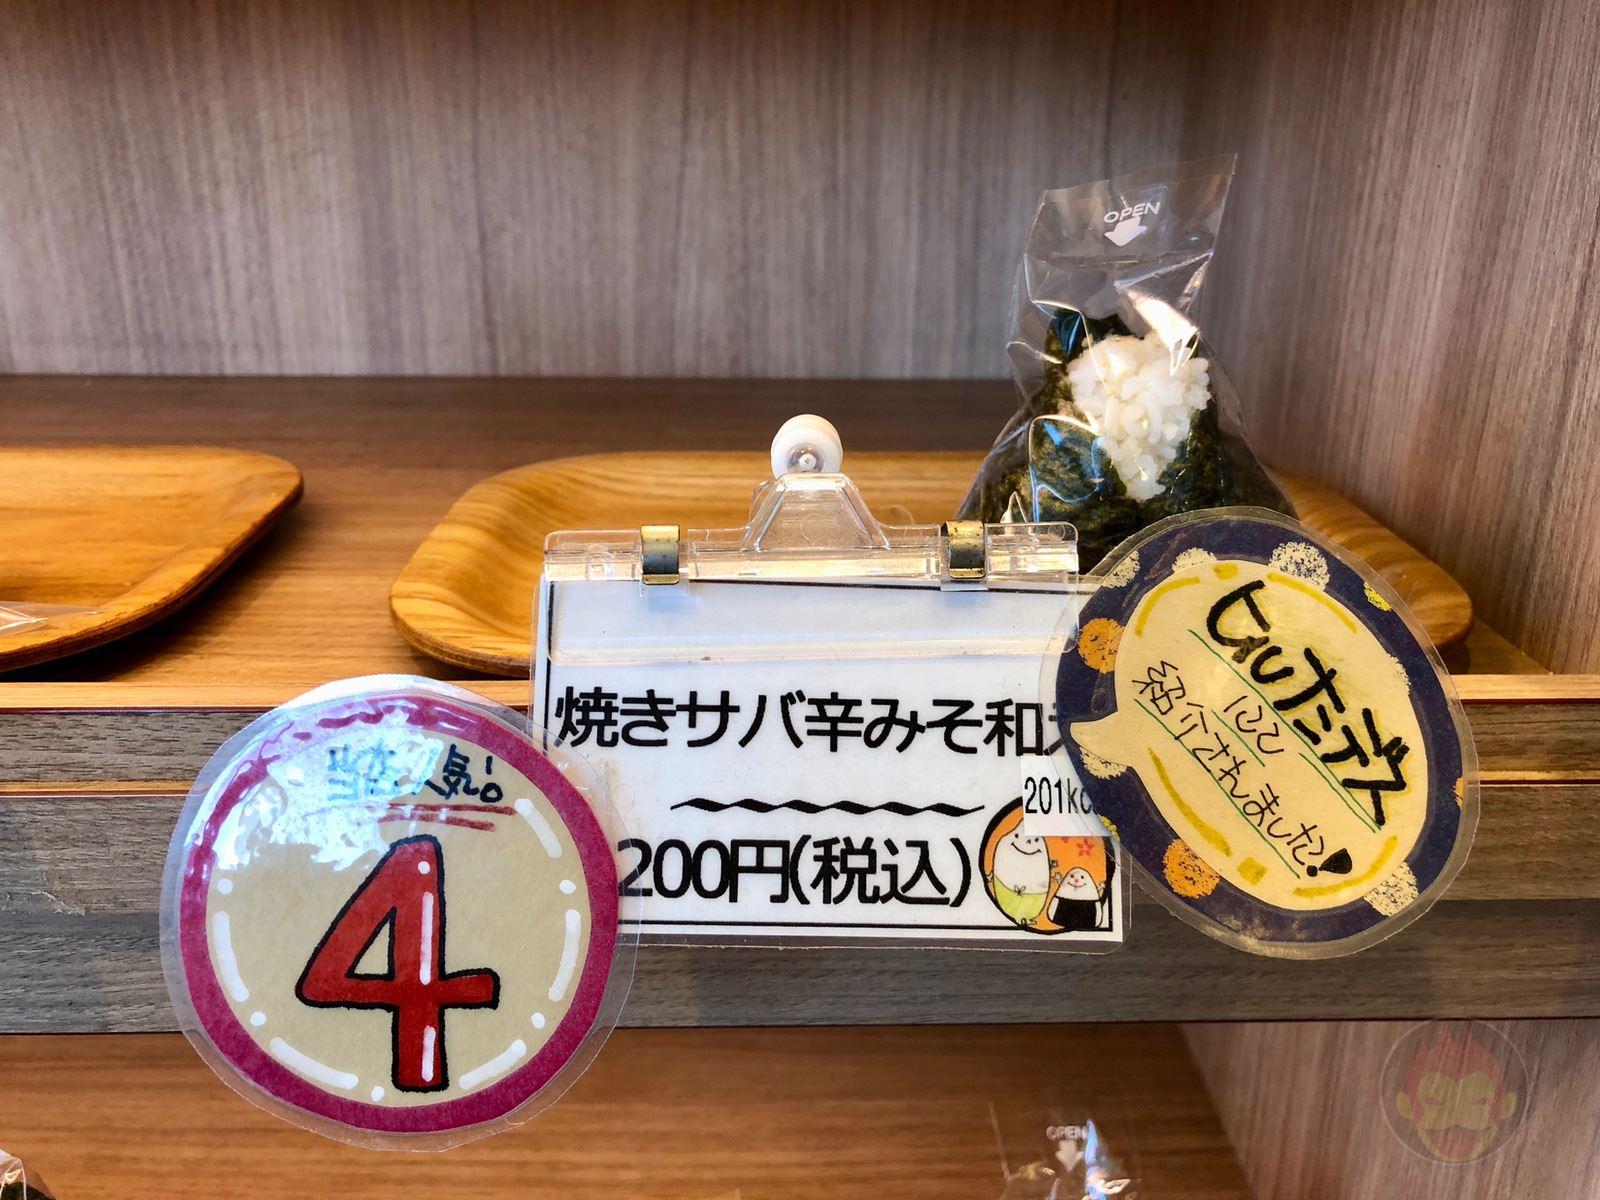 Komeraku Honjitsu Omusubi Biyori Ebina Parking Area 02